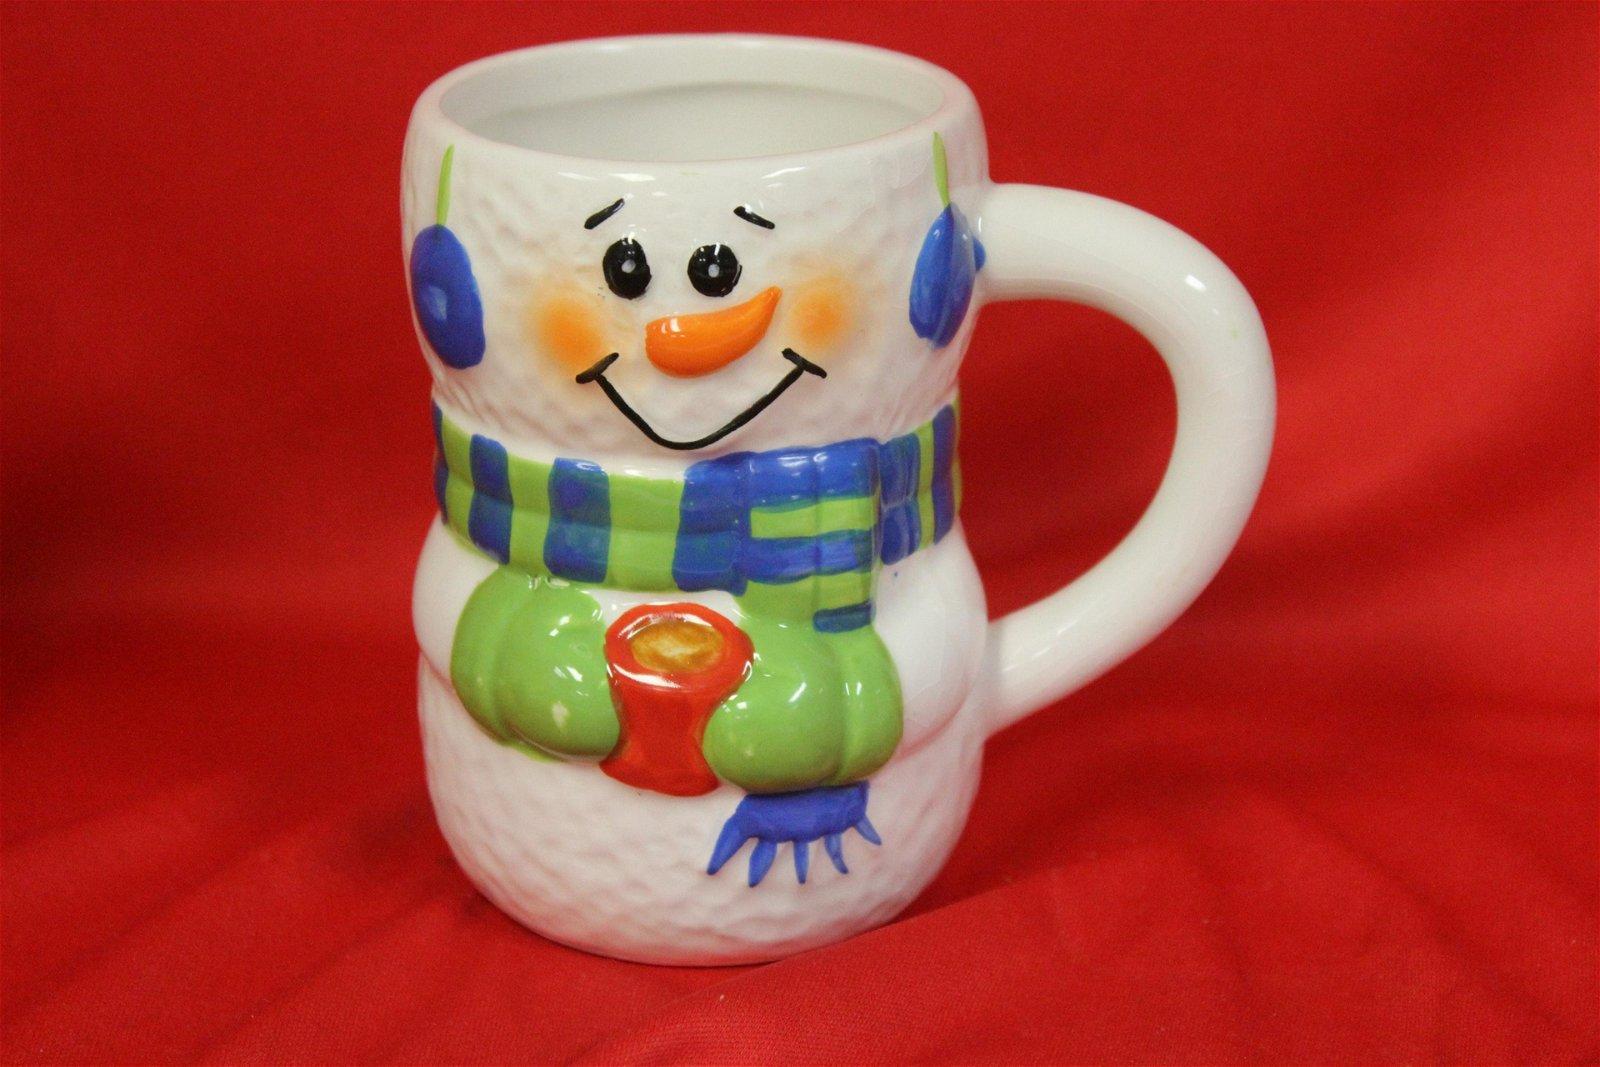 A Bay Inc. Mug